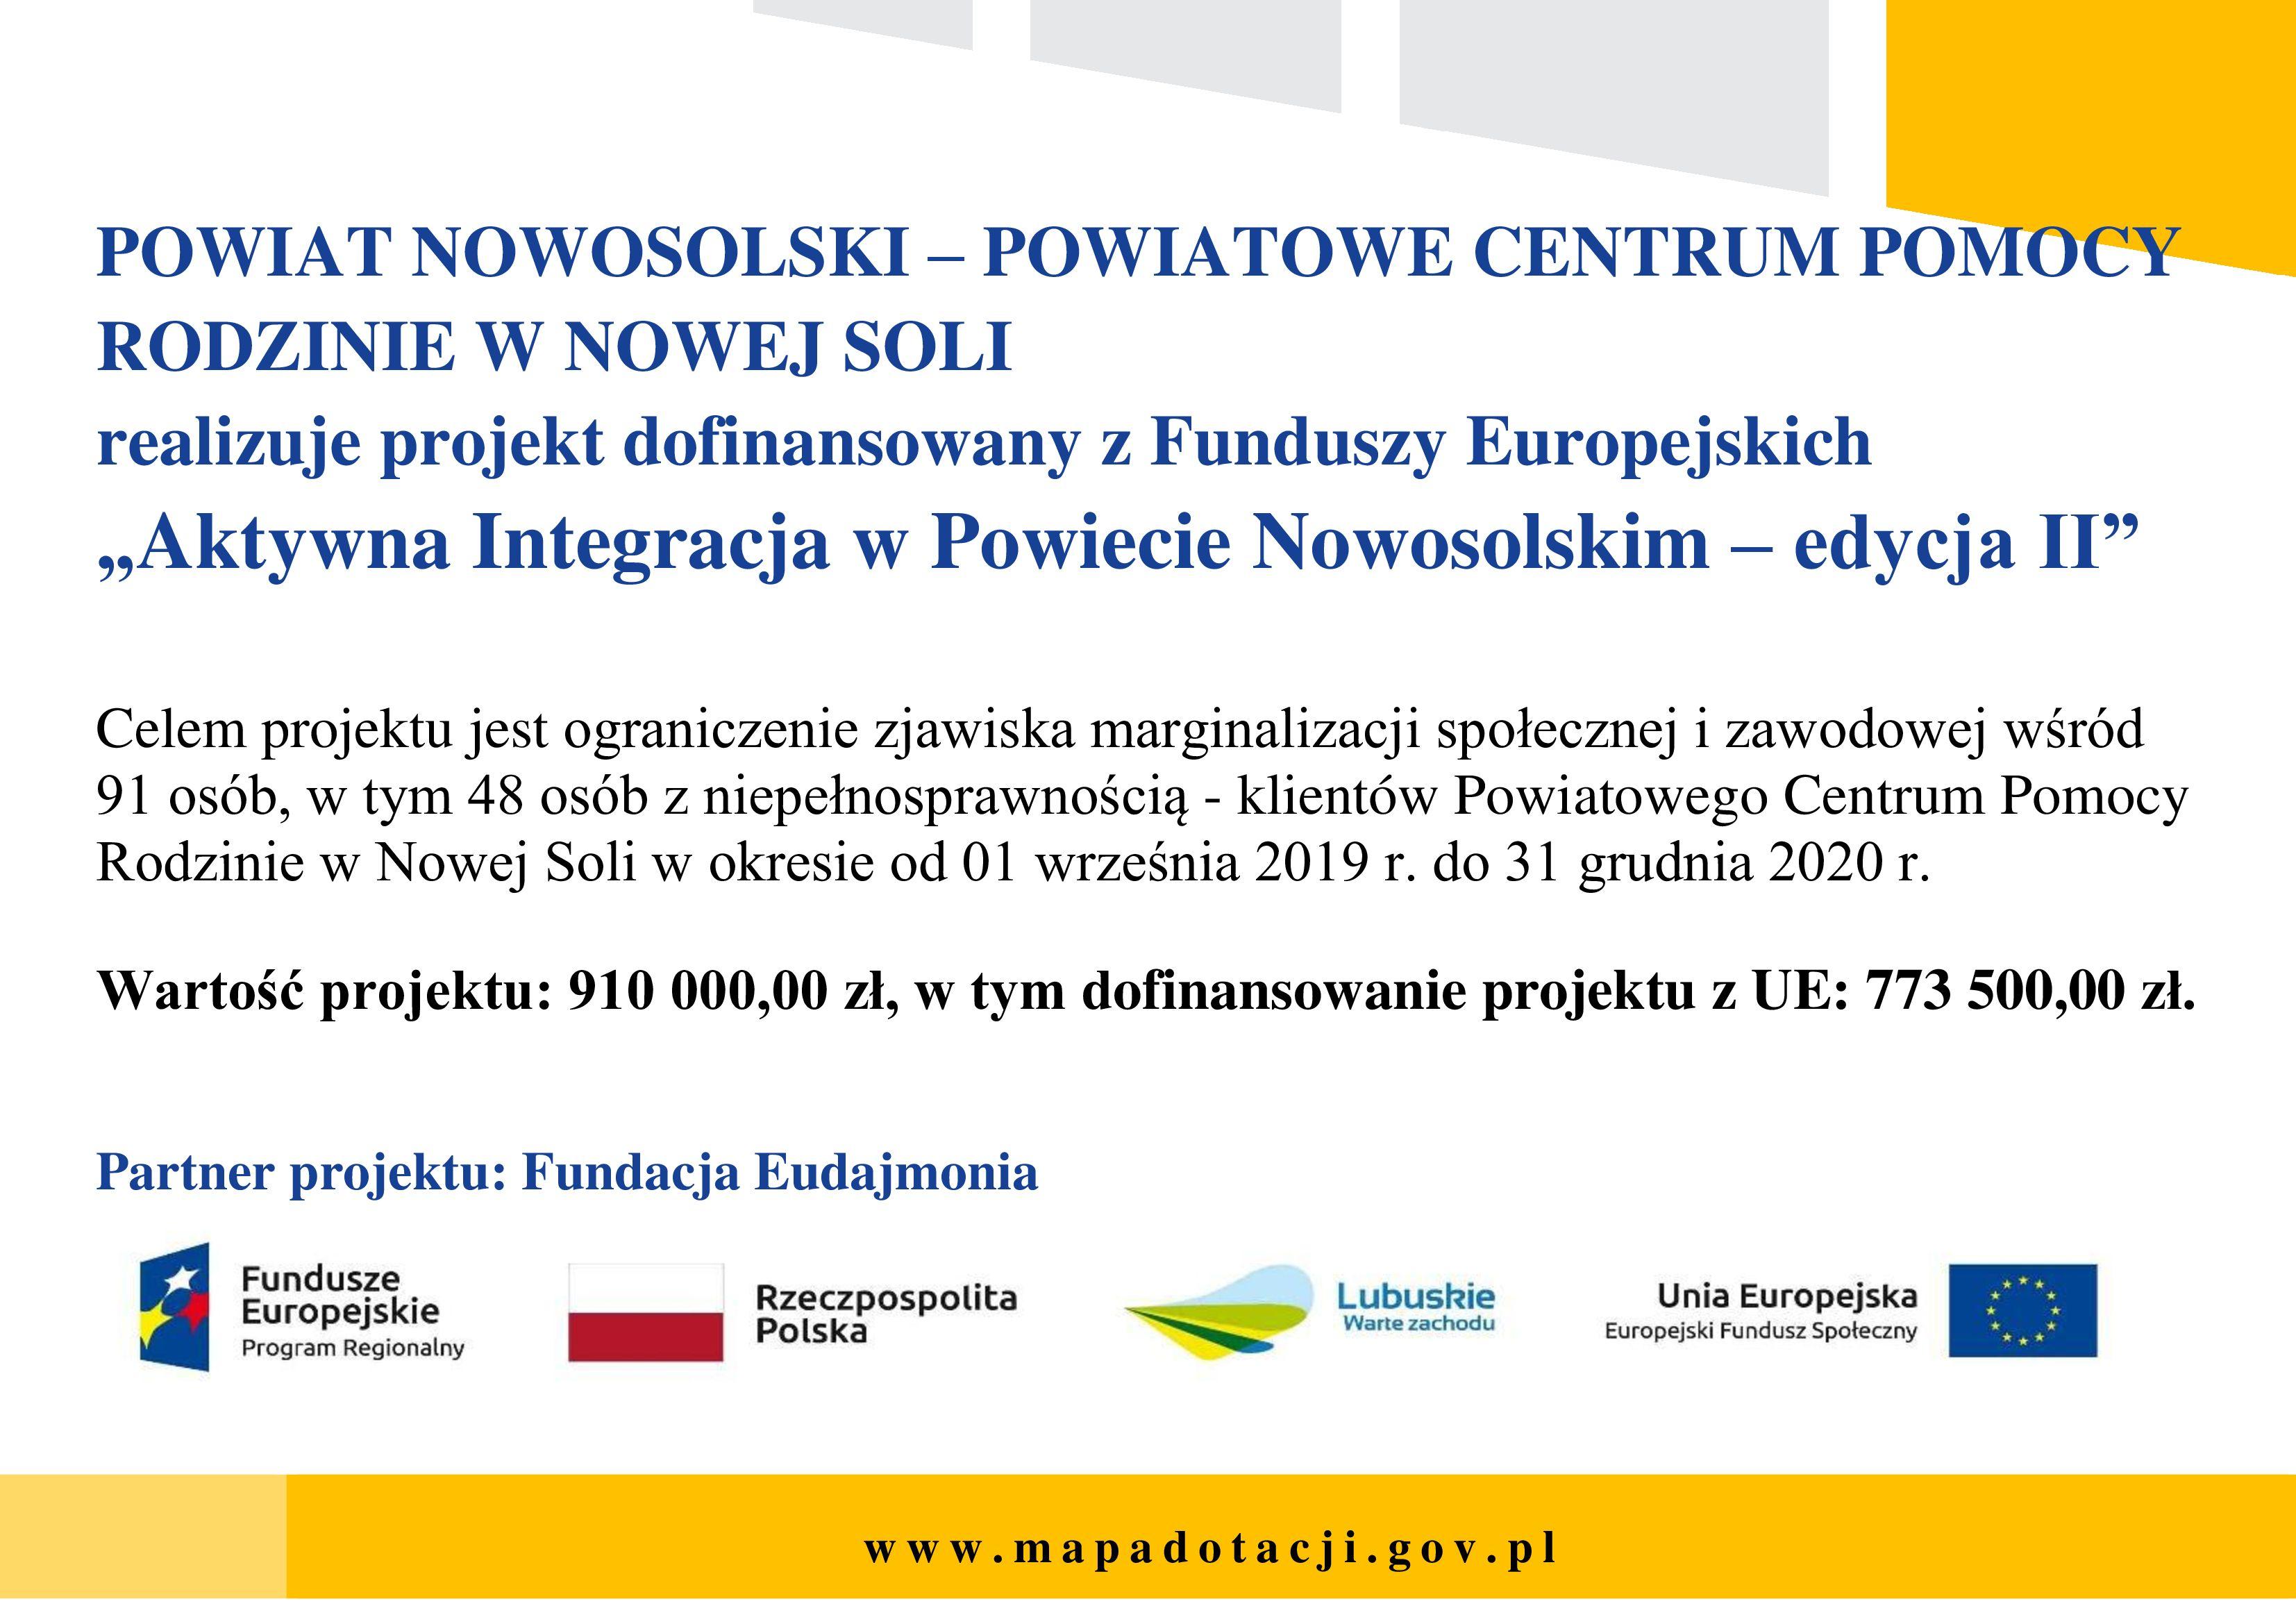 Ilustracja do informacji: AKTYWNA INTEGRACJA W POWIECIE NOWOSOLSKIM - EDYCJA II